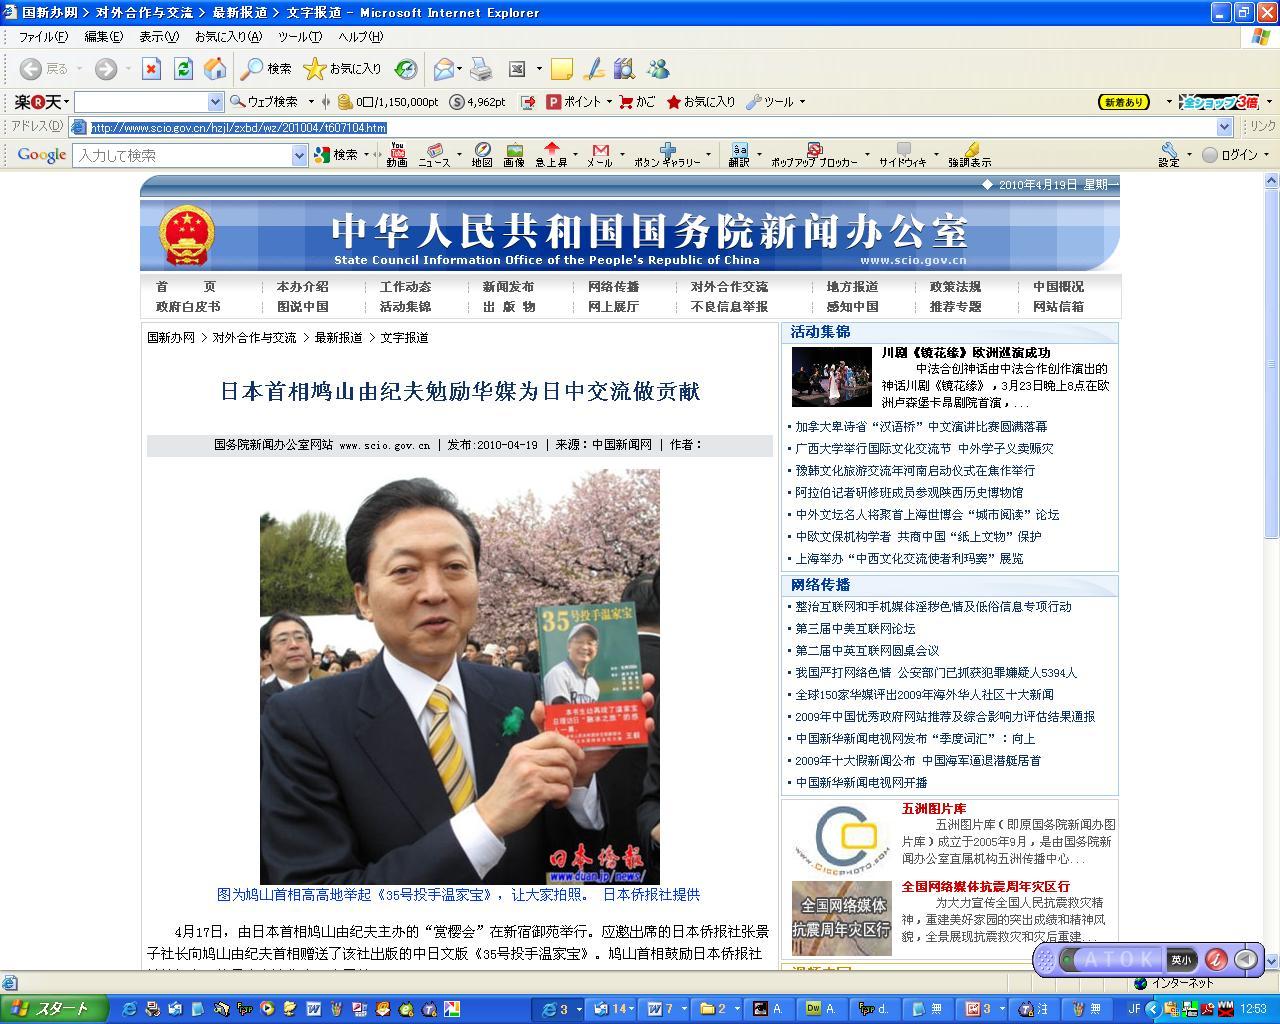 国務院新聞辧公室のホームページに 鳩山首相と日本僑報社書籍の写真を掲載_d0027795_12593057.jpg